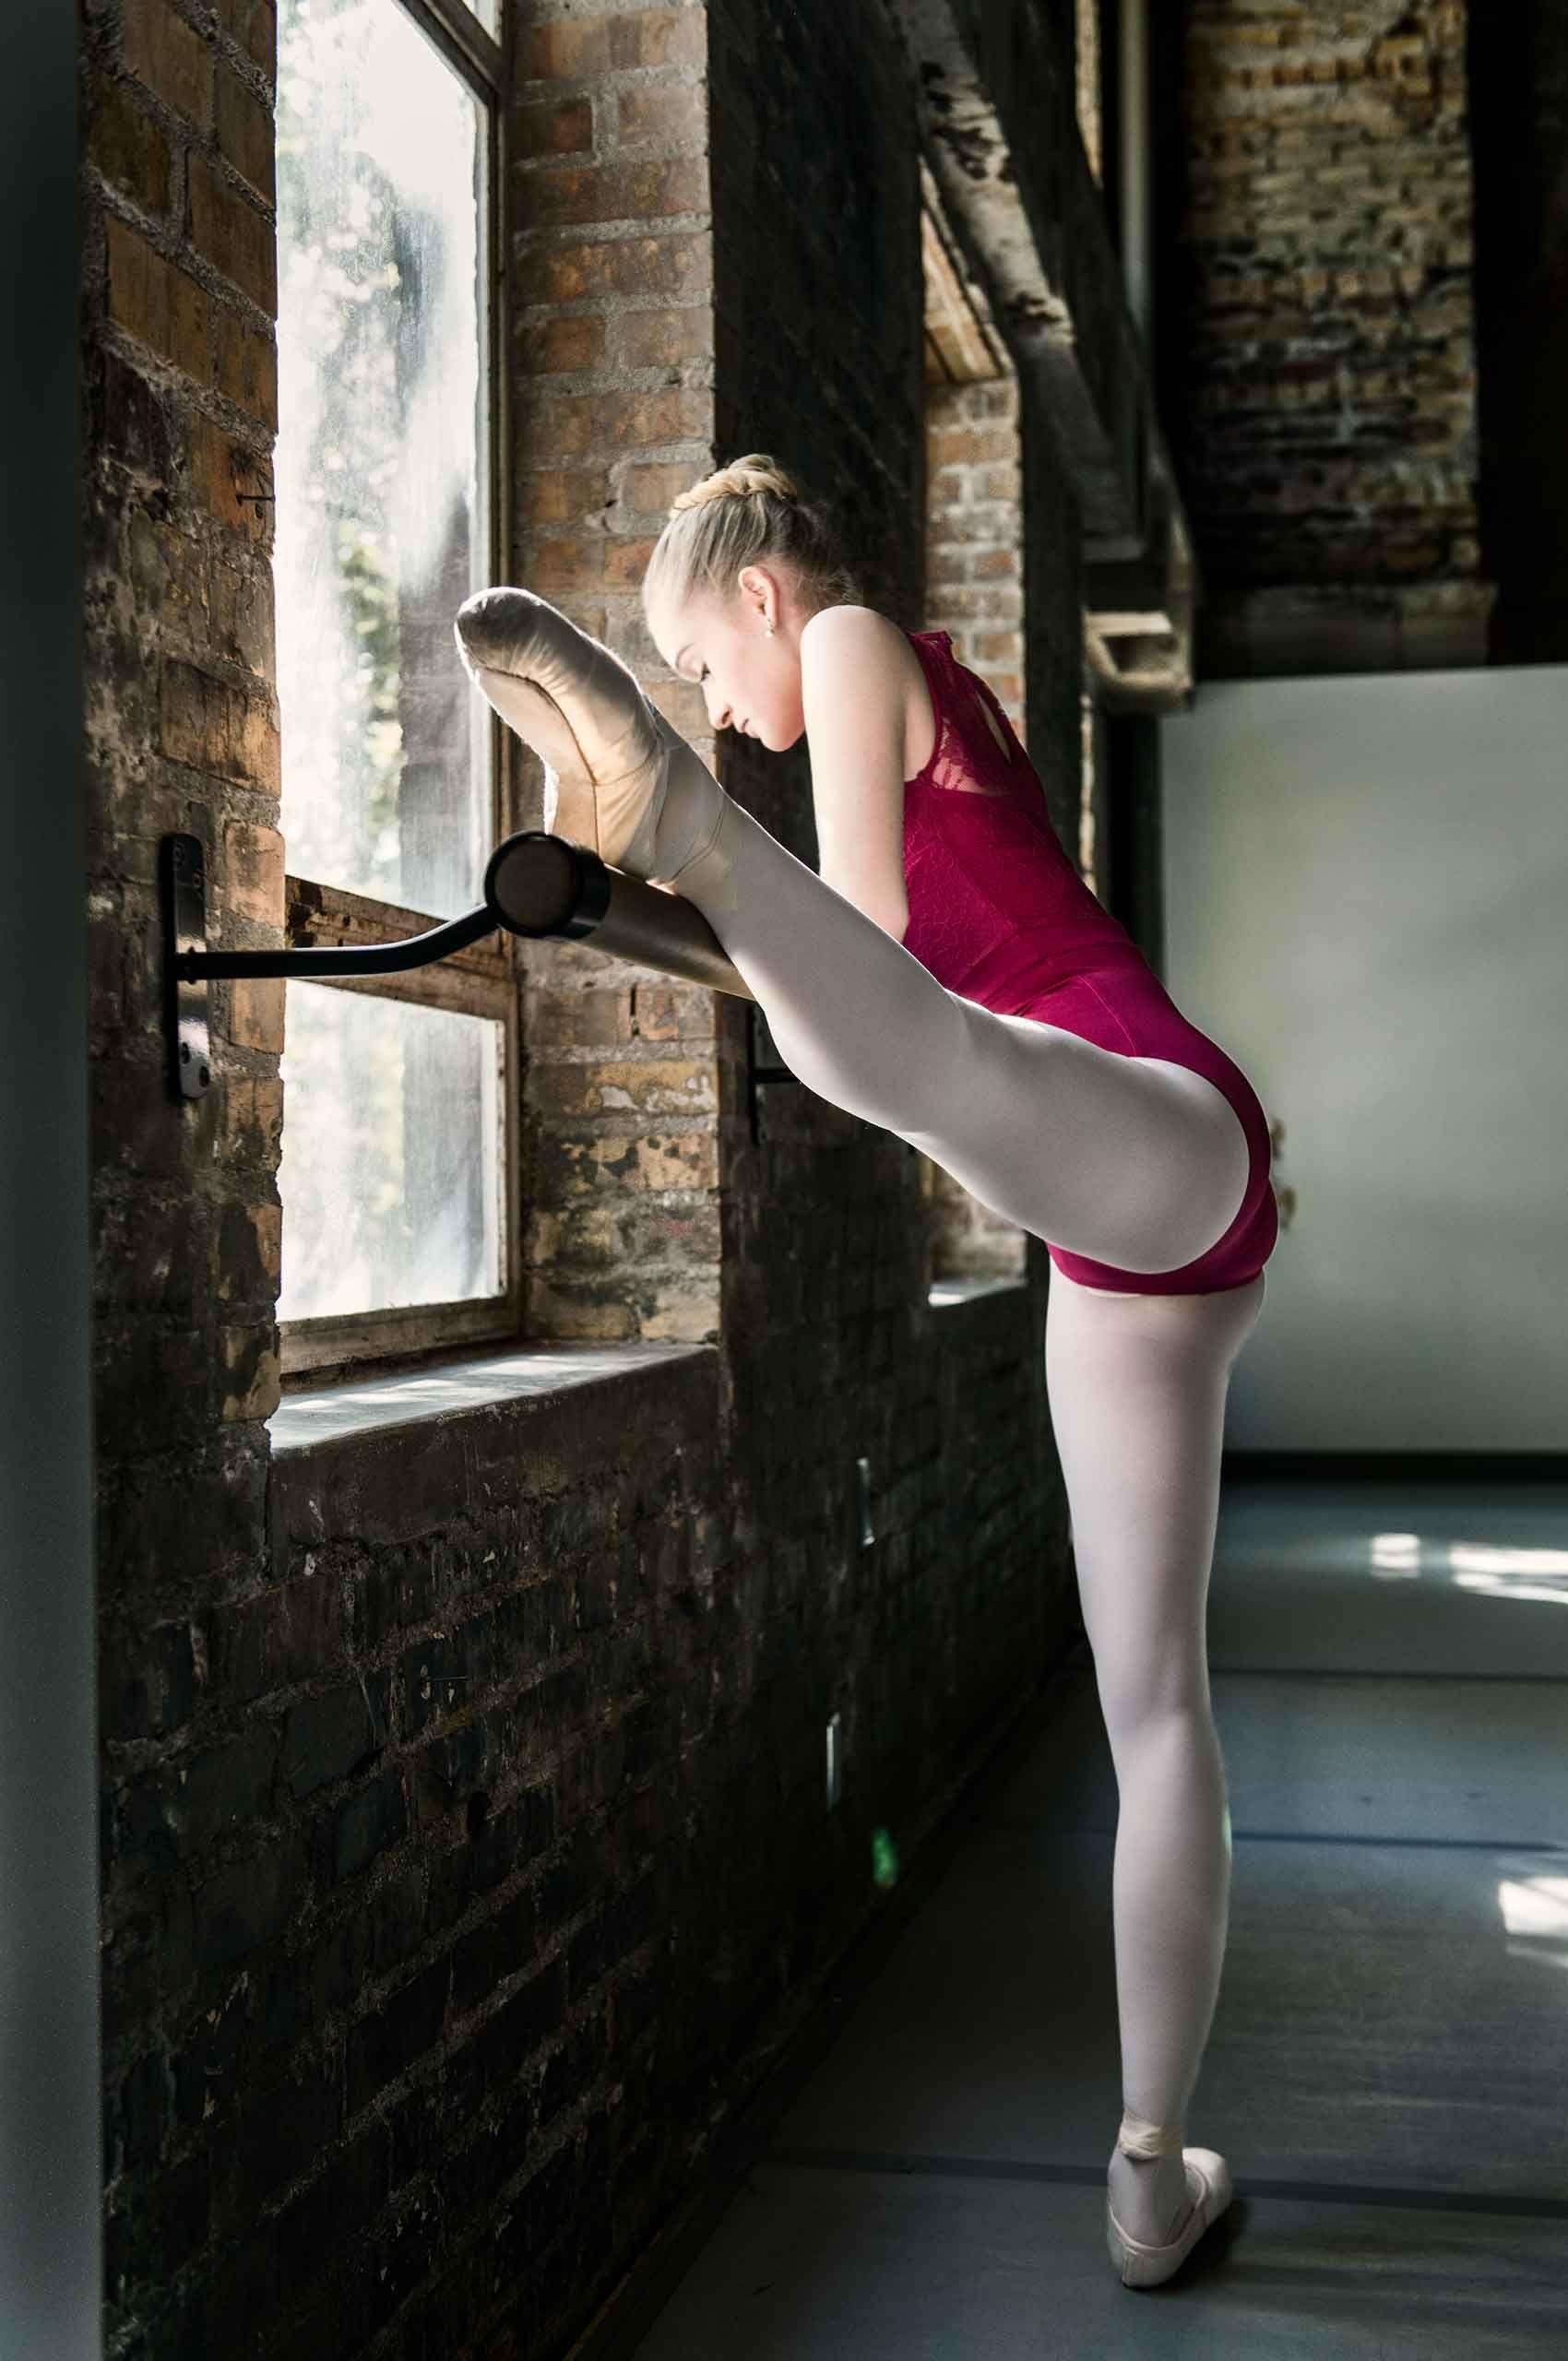 Ballet-stretch-HenrikOlundPhotography.jpg